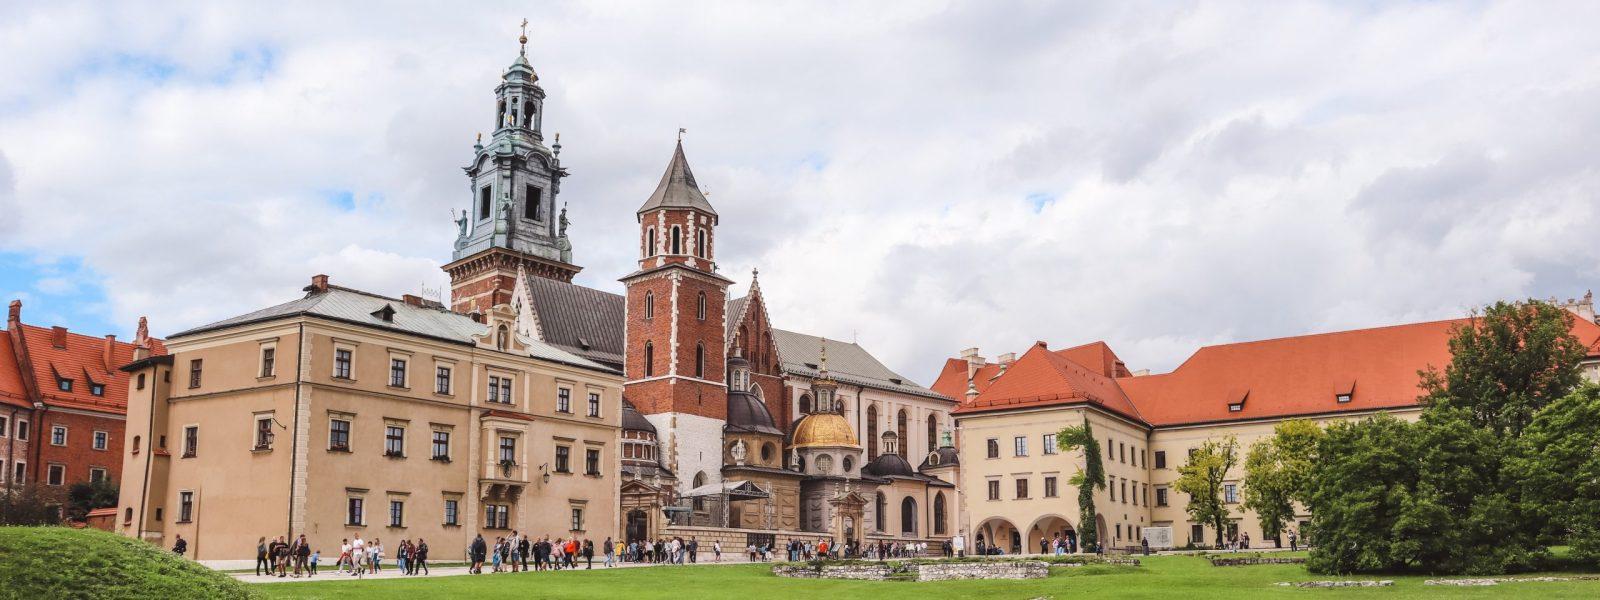 Wat te doen in Krakau: 15 bezienswaardigheden die je niet mag missen